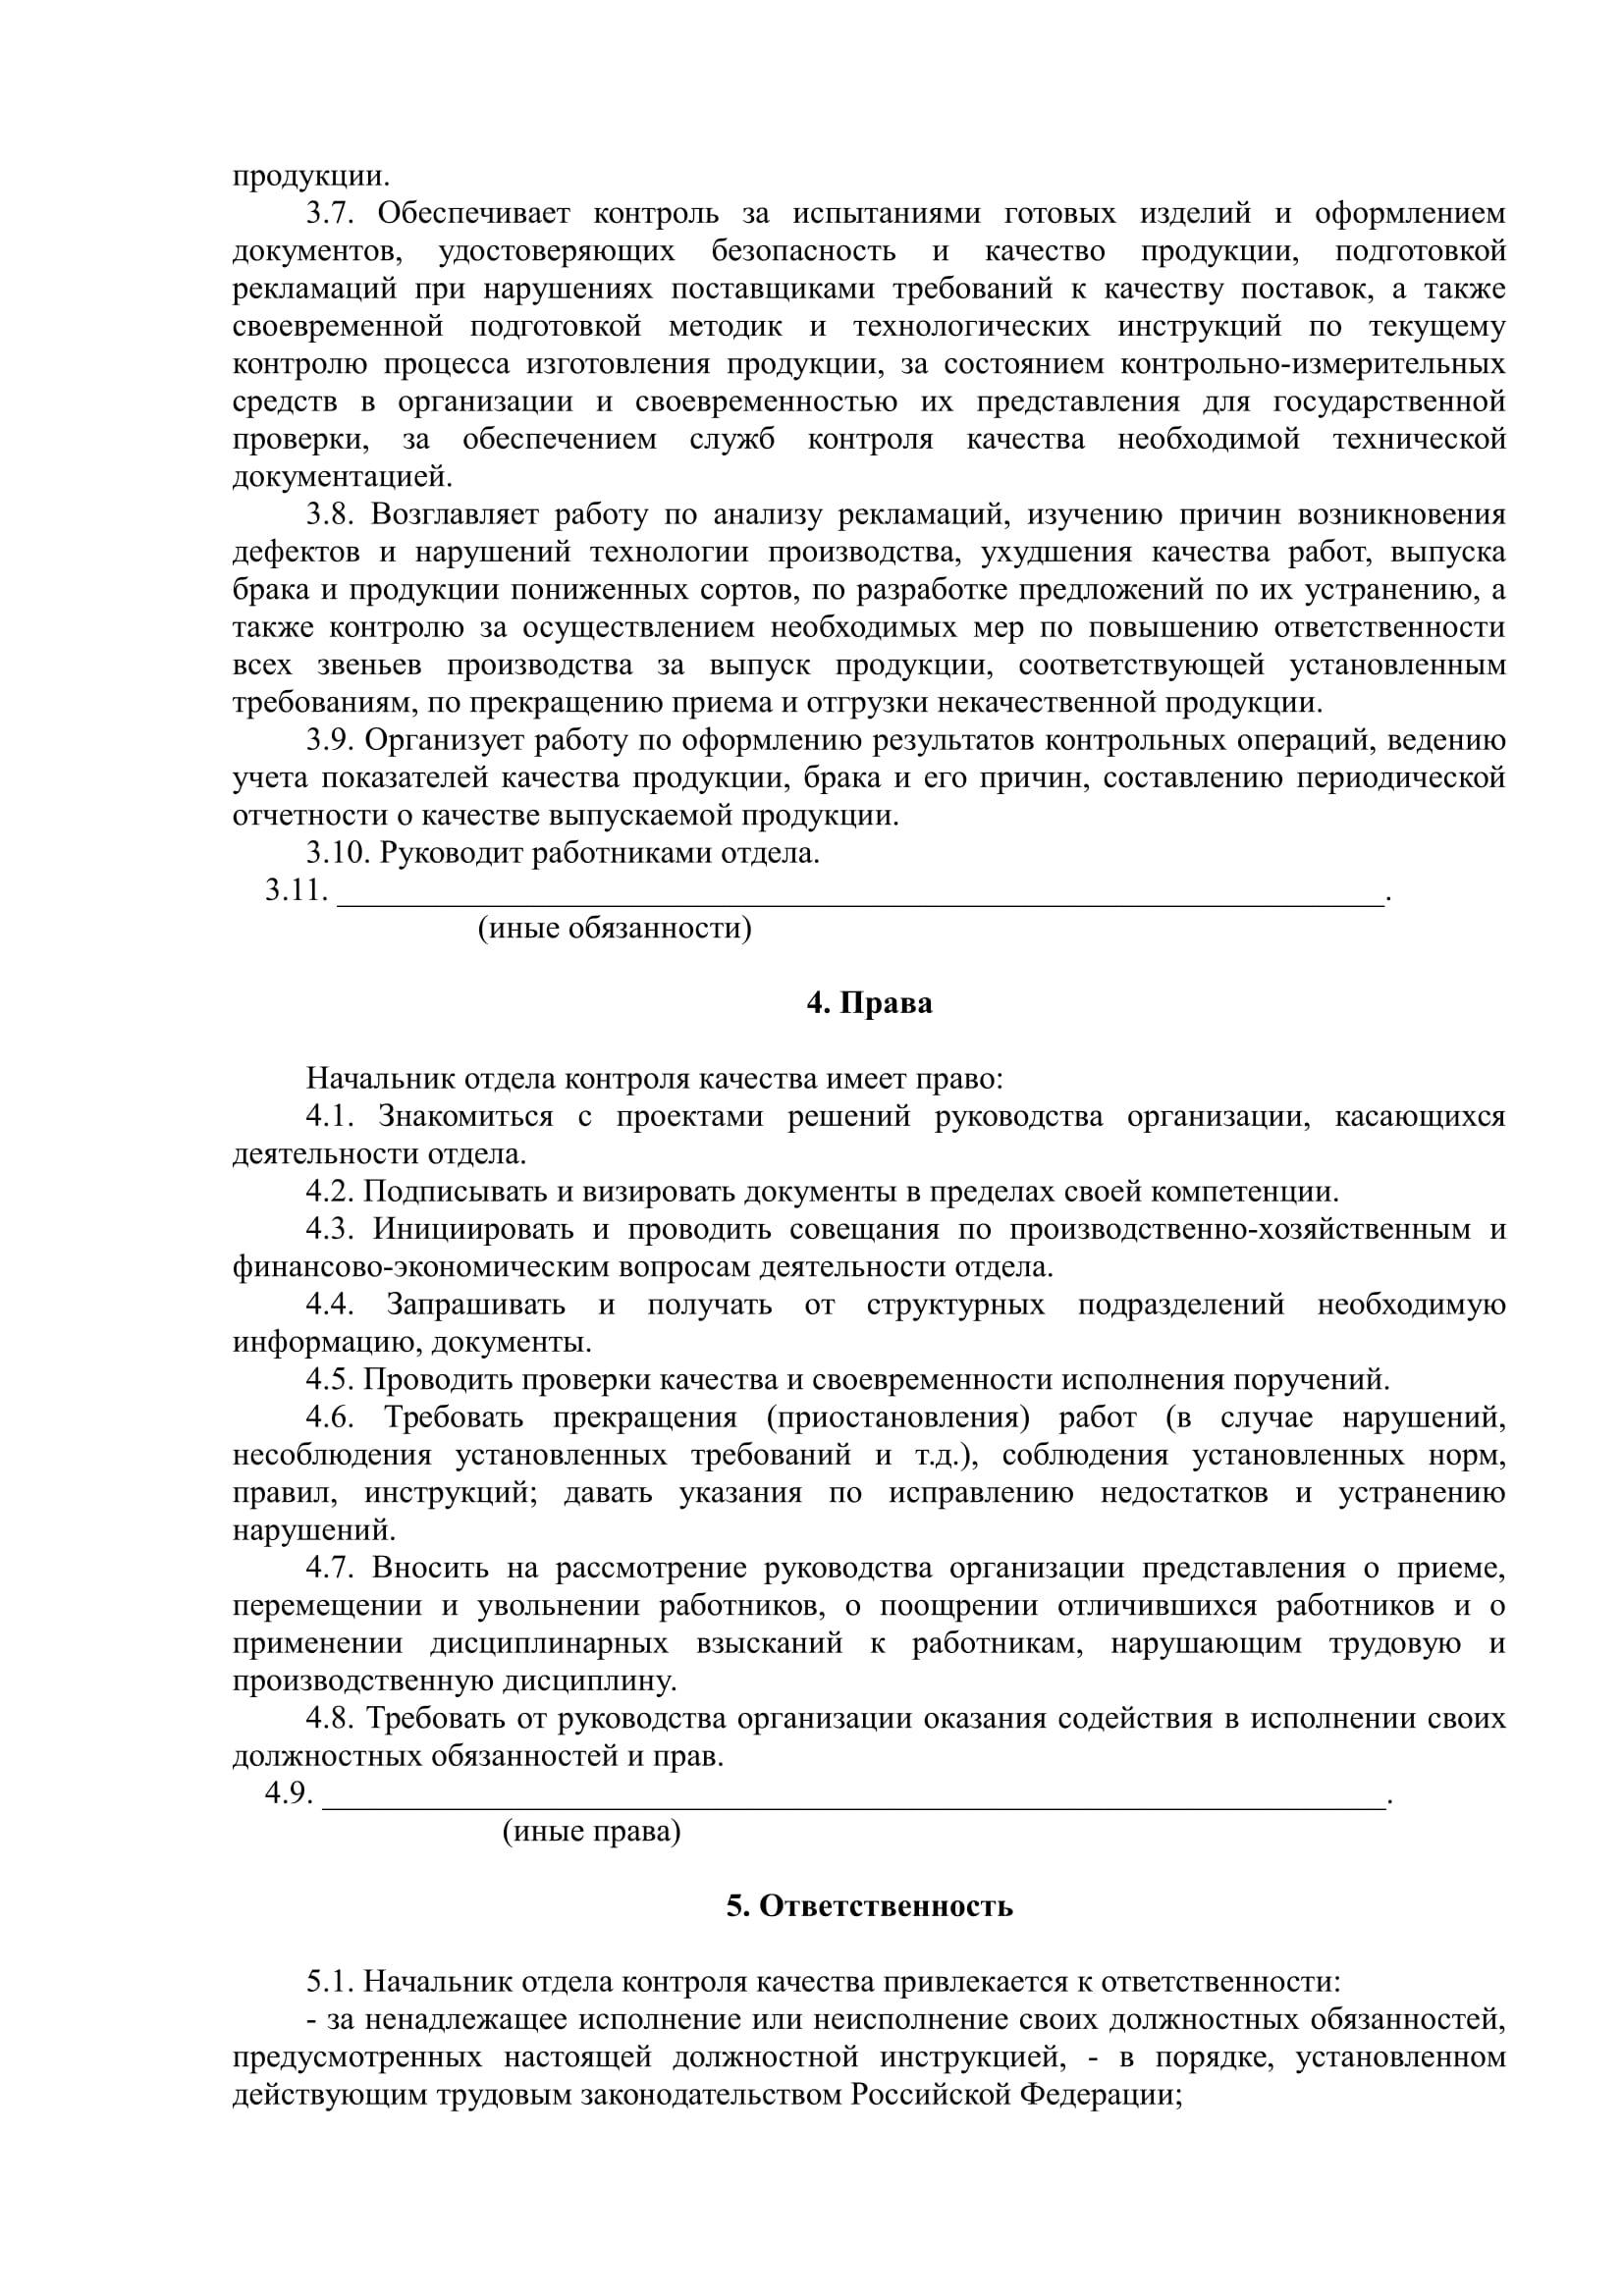 Должностная инструкция отдела контроля качества